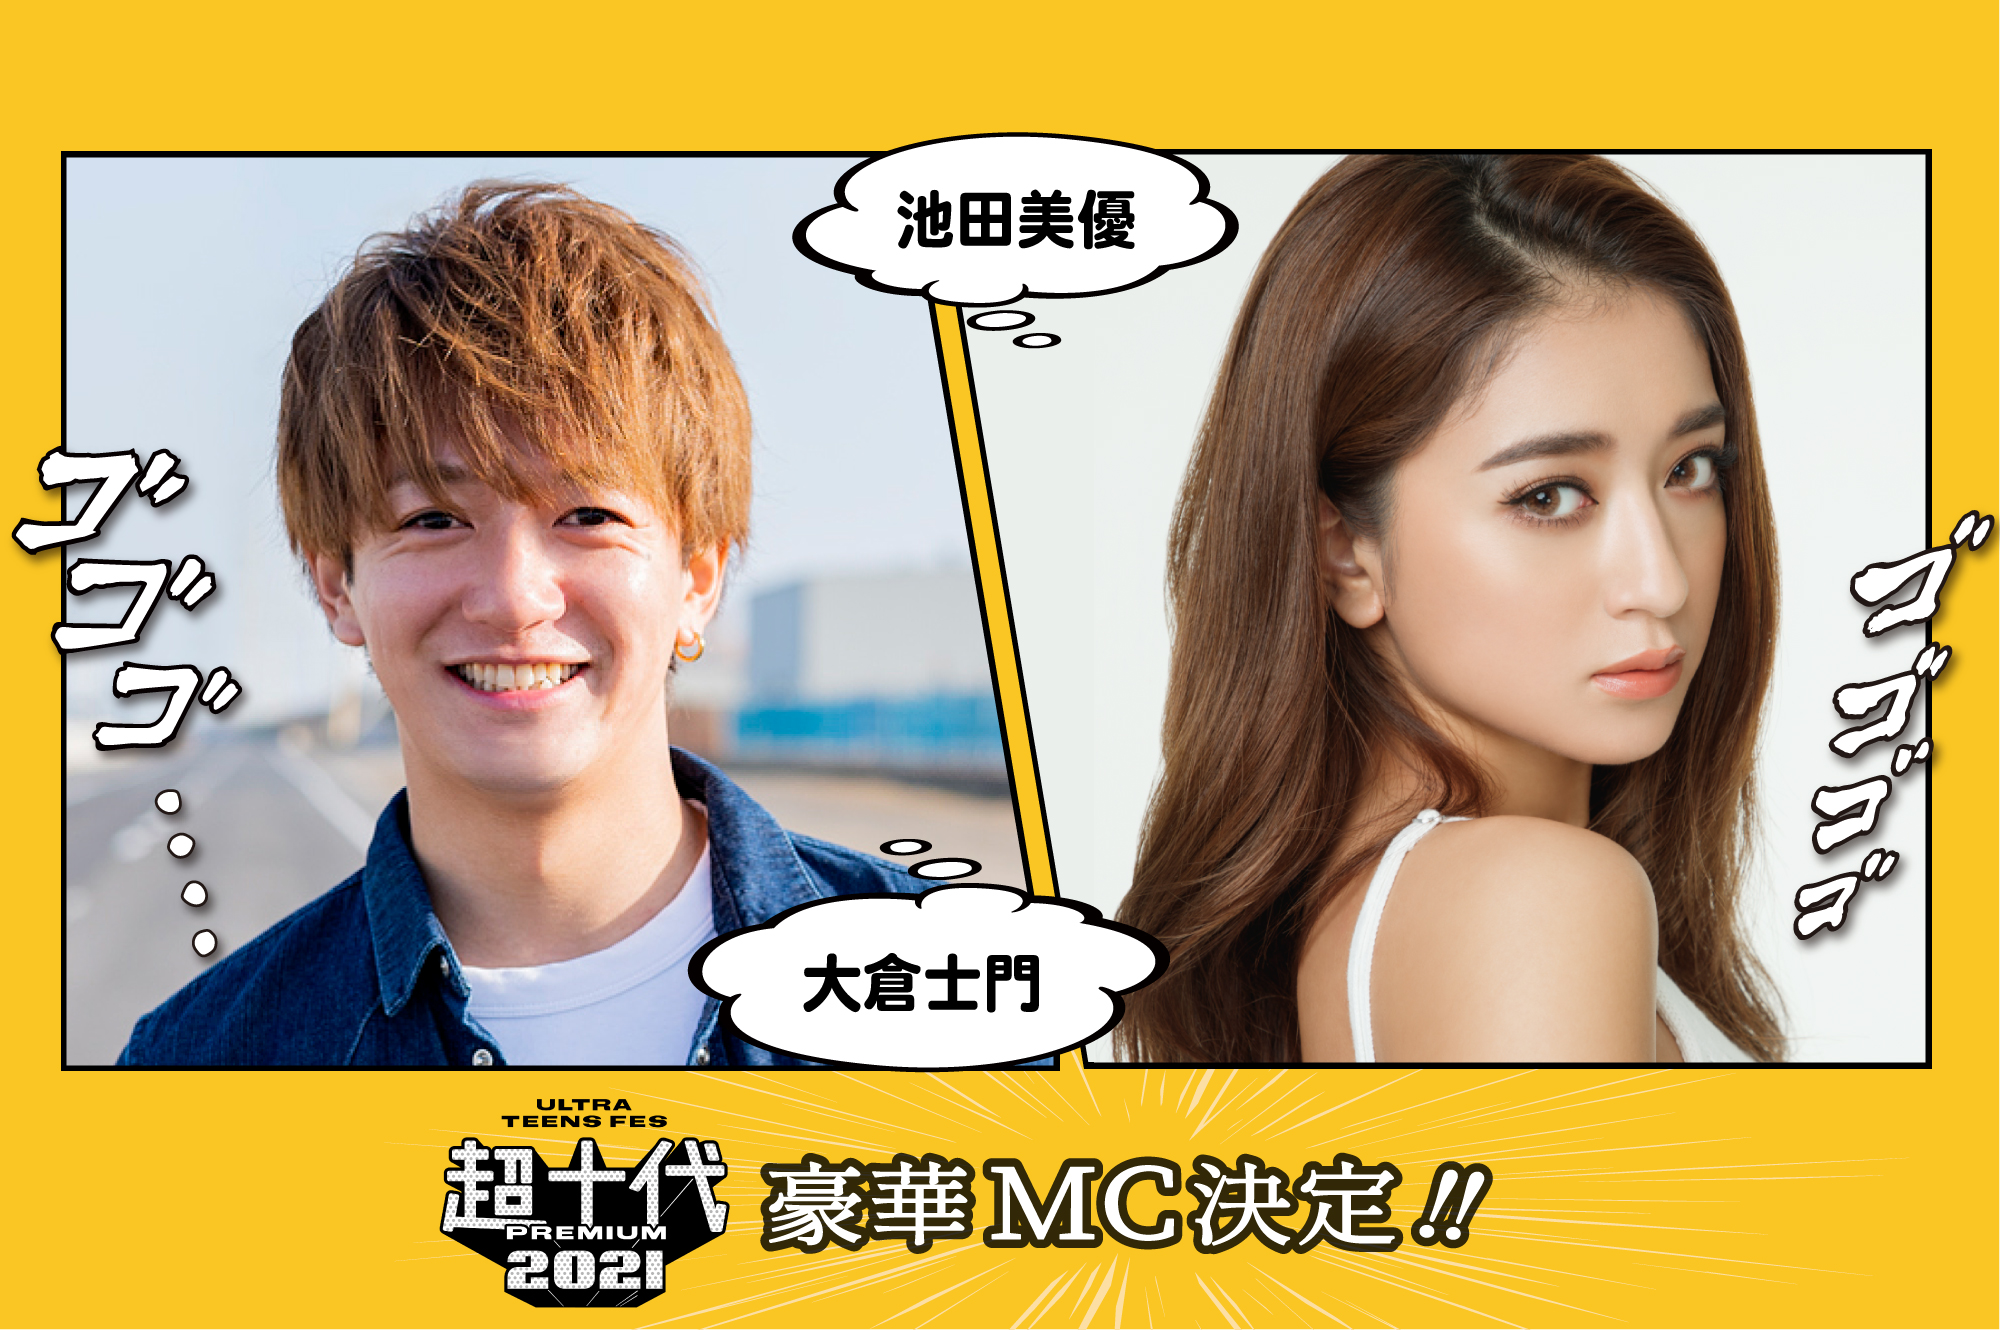 超十代 -ULTRA TEENS FES- 2021 PREMIUM☆豪華MC決定☆